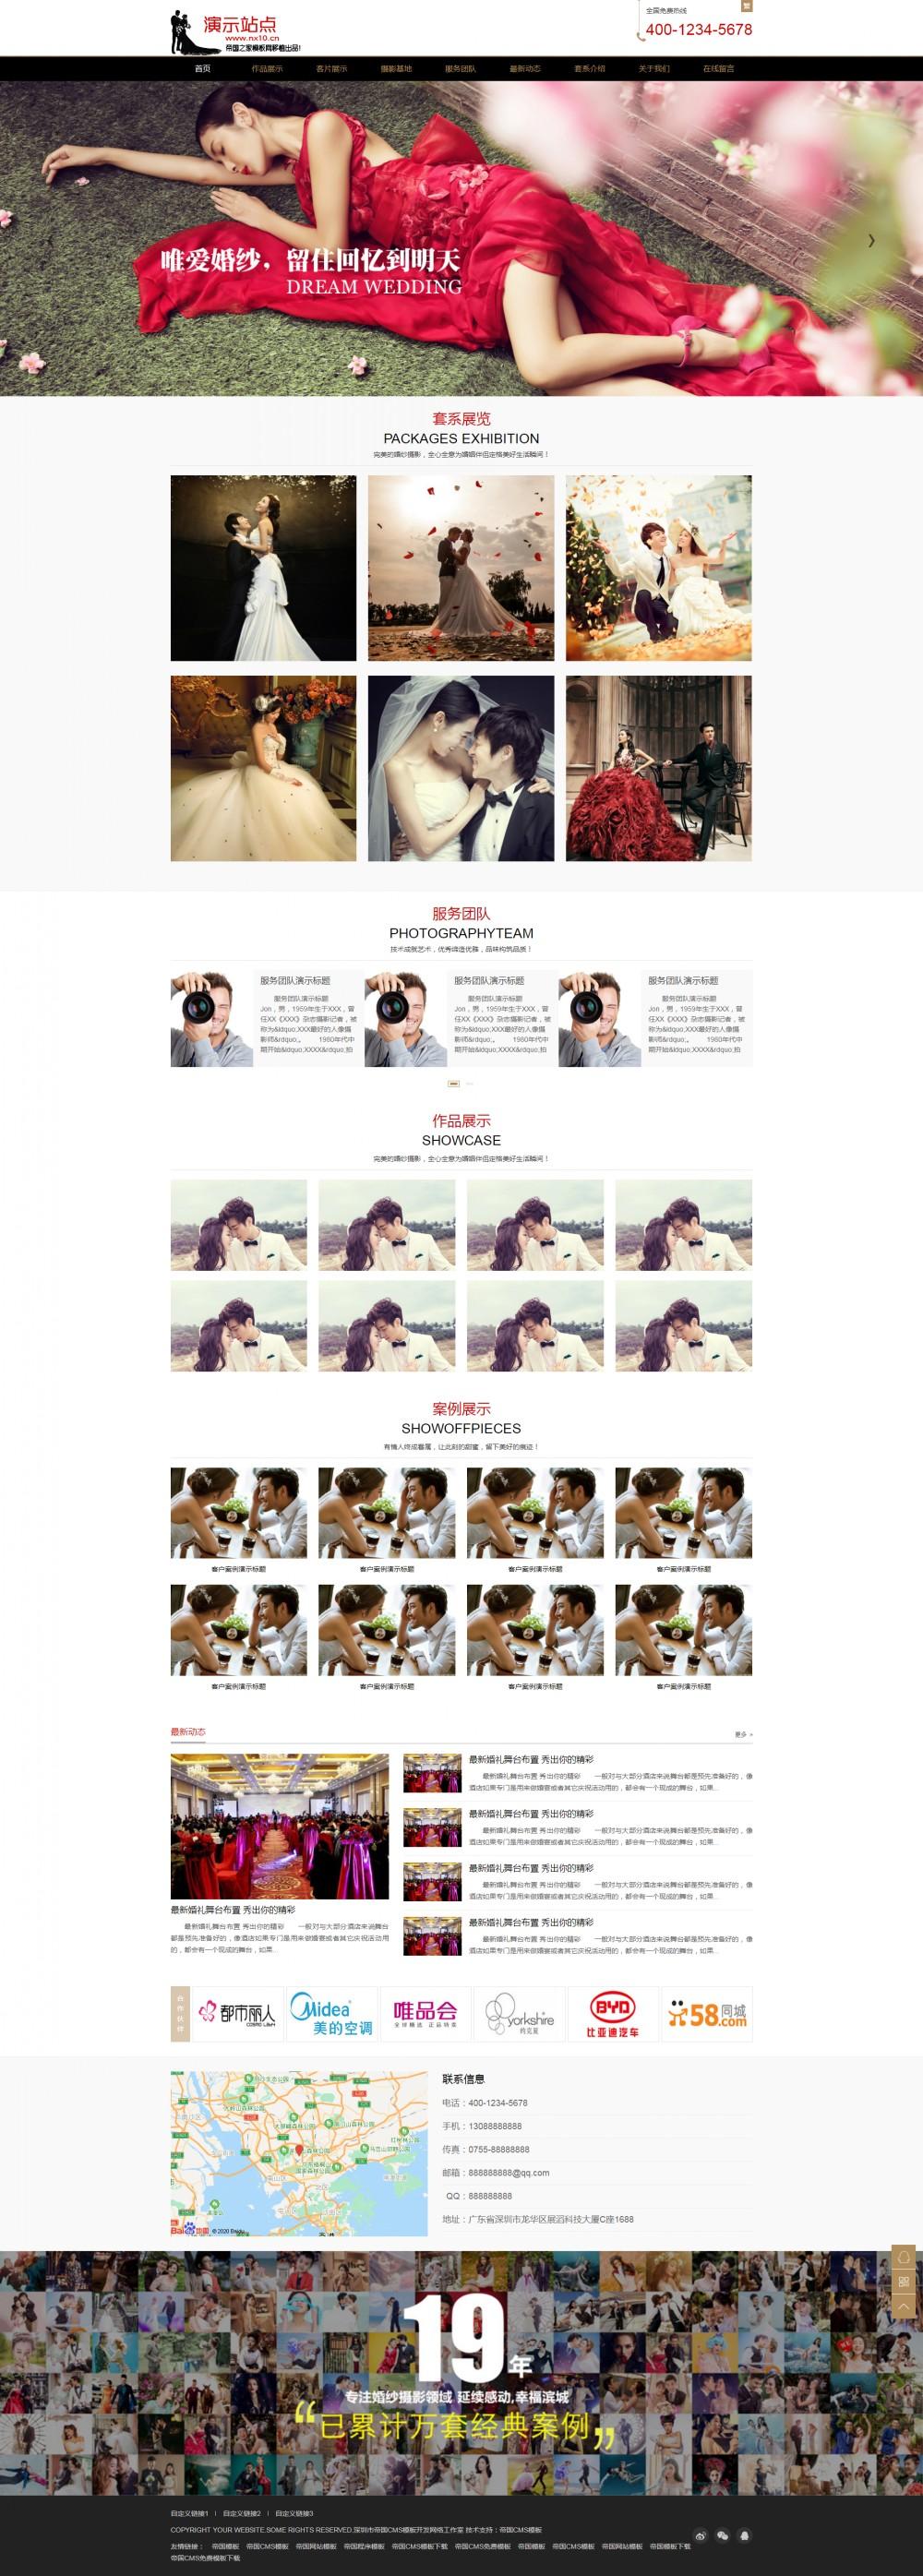 1首页.jpg [DG-0163]帝国cms响应式婚纱摄影工作室模板 自适应婚纱摄影拍照模板 企业模板 第1张